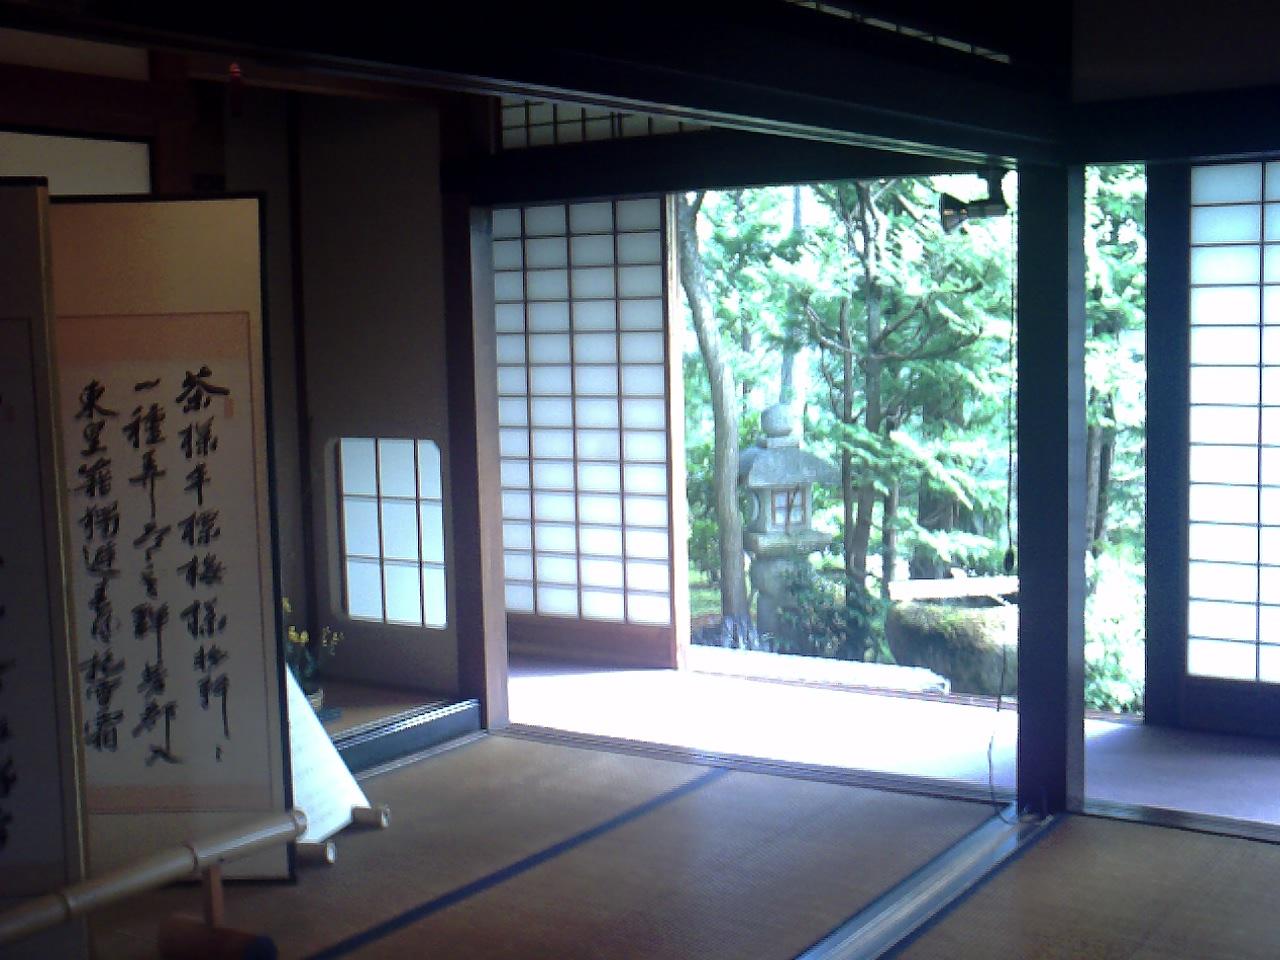 08-10近江・五個荘 010.jpg